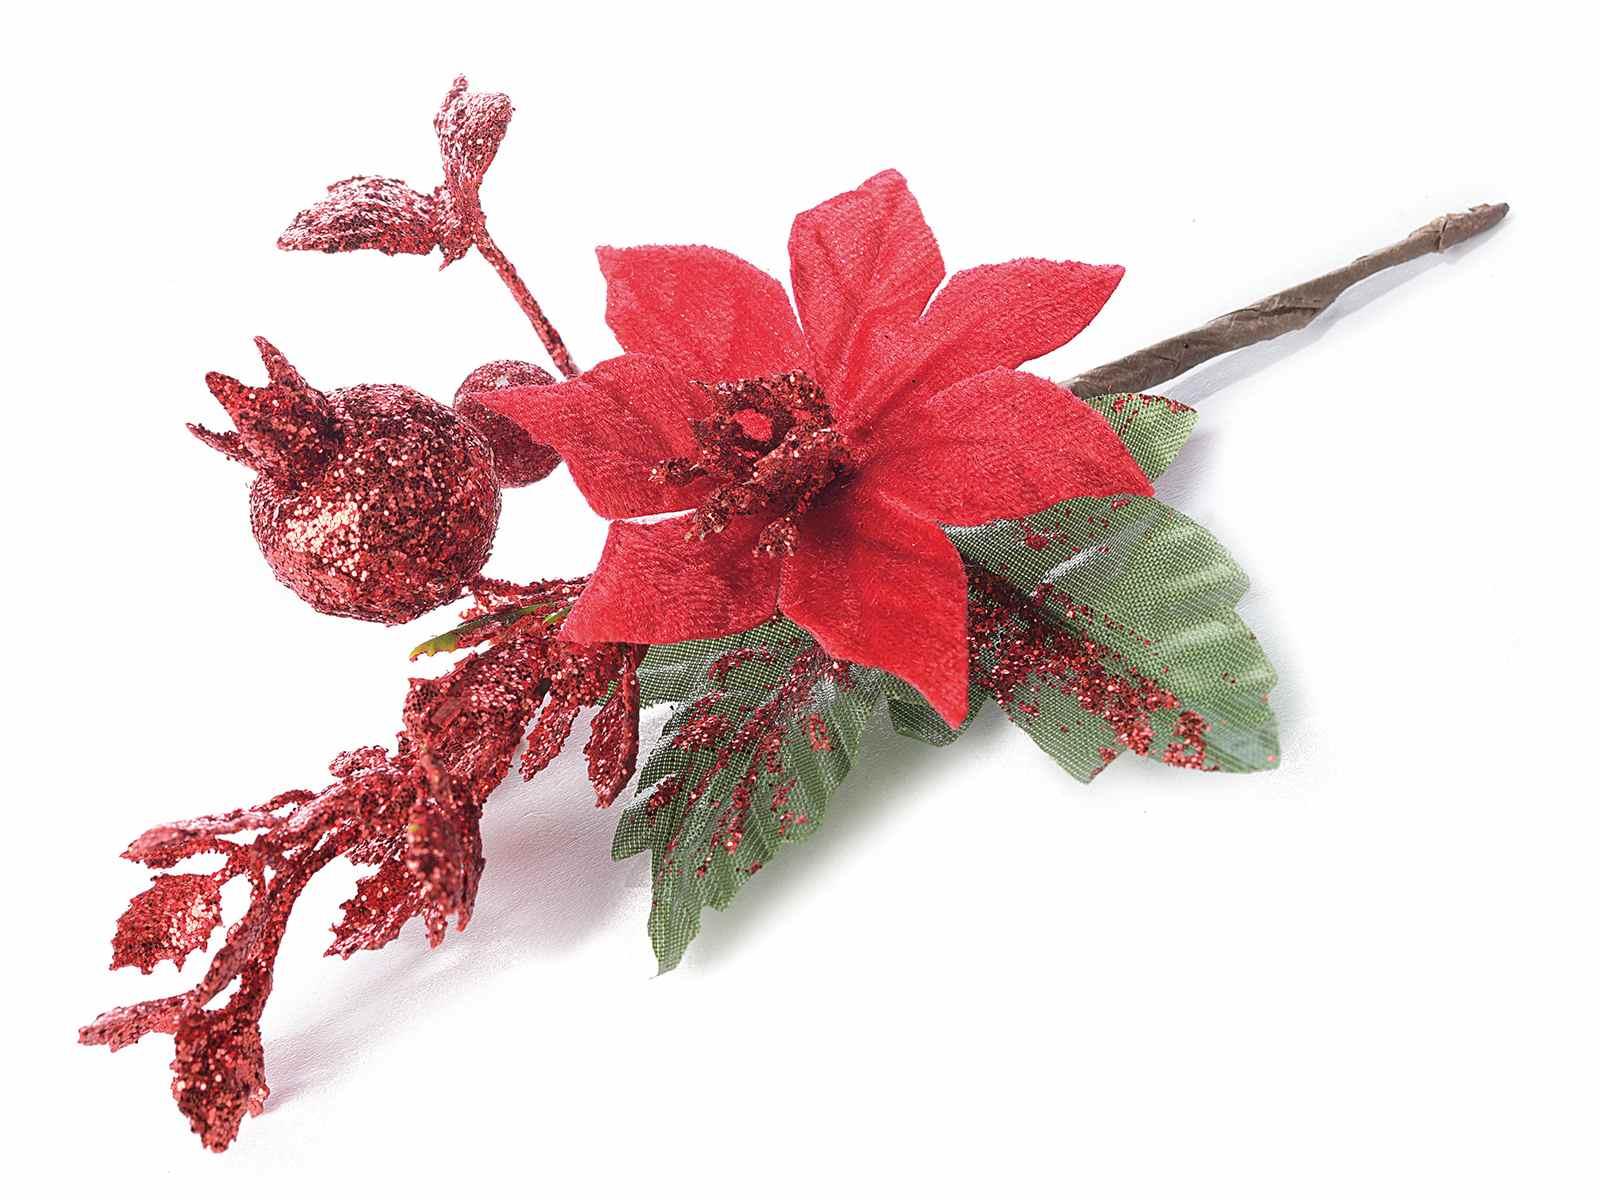 Immagini Stella Di Natale Glitter.Stella Di Natale Rossa In Stoffa Con Glitter E Decori 56 25